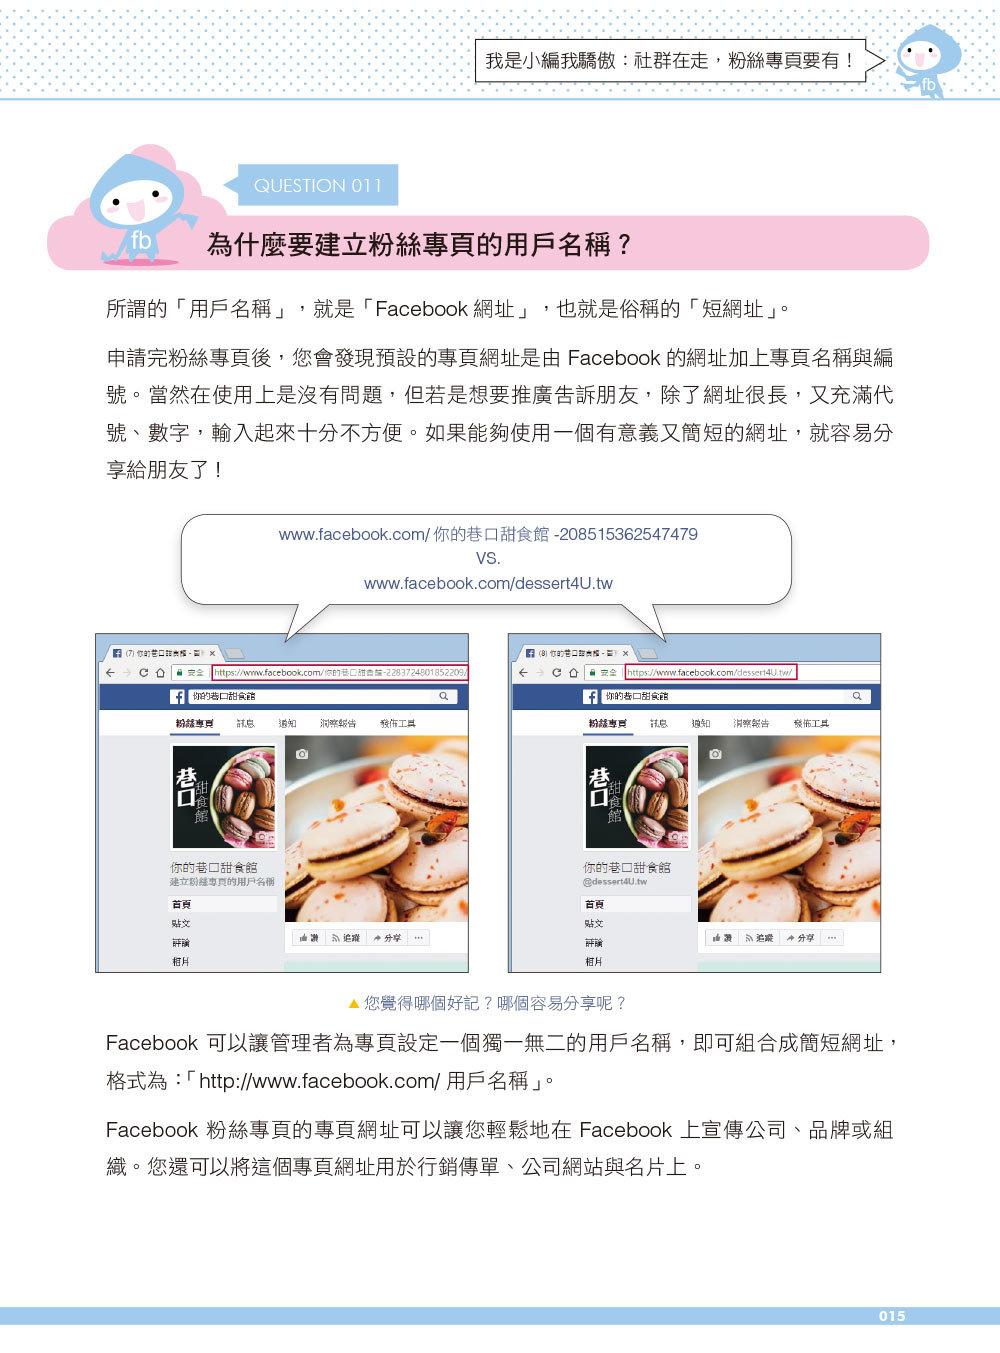 超人氣 Facebook 粉絲專頁行銷加油讚 - 解鎖社群行銷困局+突破粉絲經營盲點=變身最神小編難波萬! (第五版)-preview-2